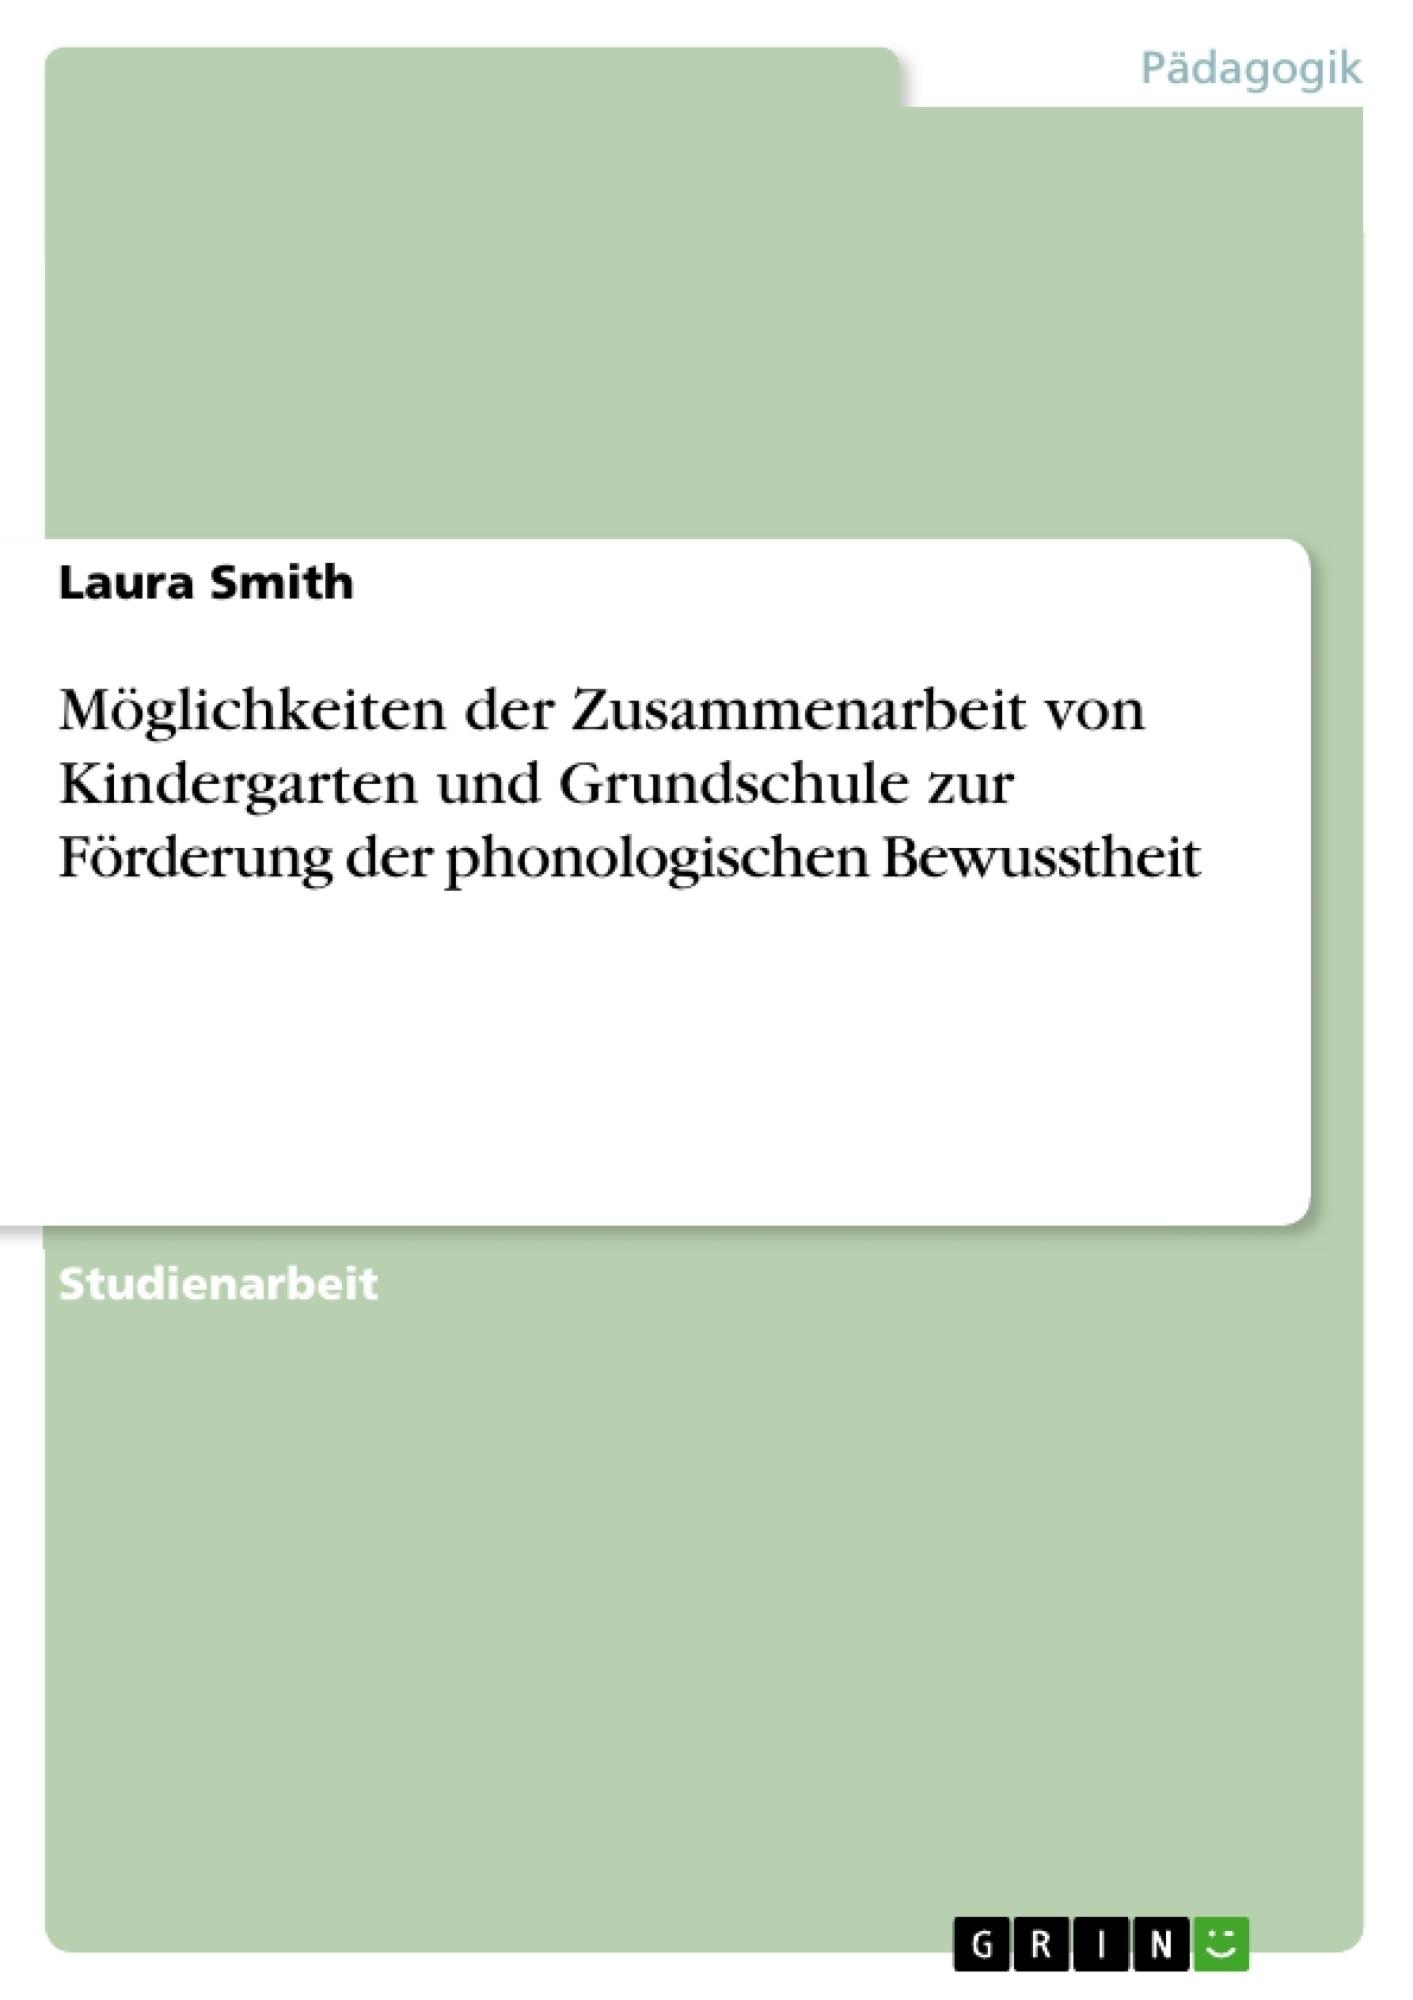 Titel: Möglichkeiten der Zusammenarbeit von Kindergarten und Grundschule zur Förderung der phonologischen Bewusstheit